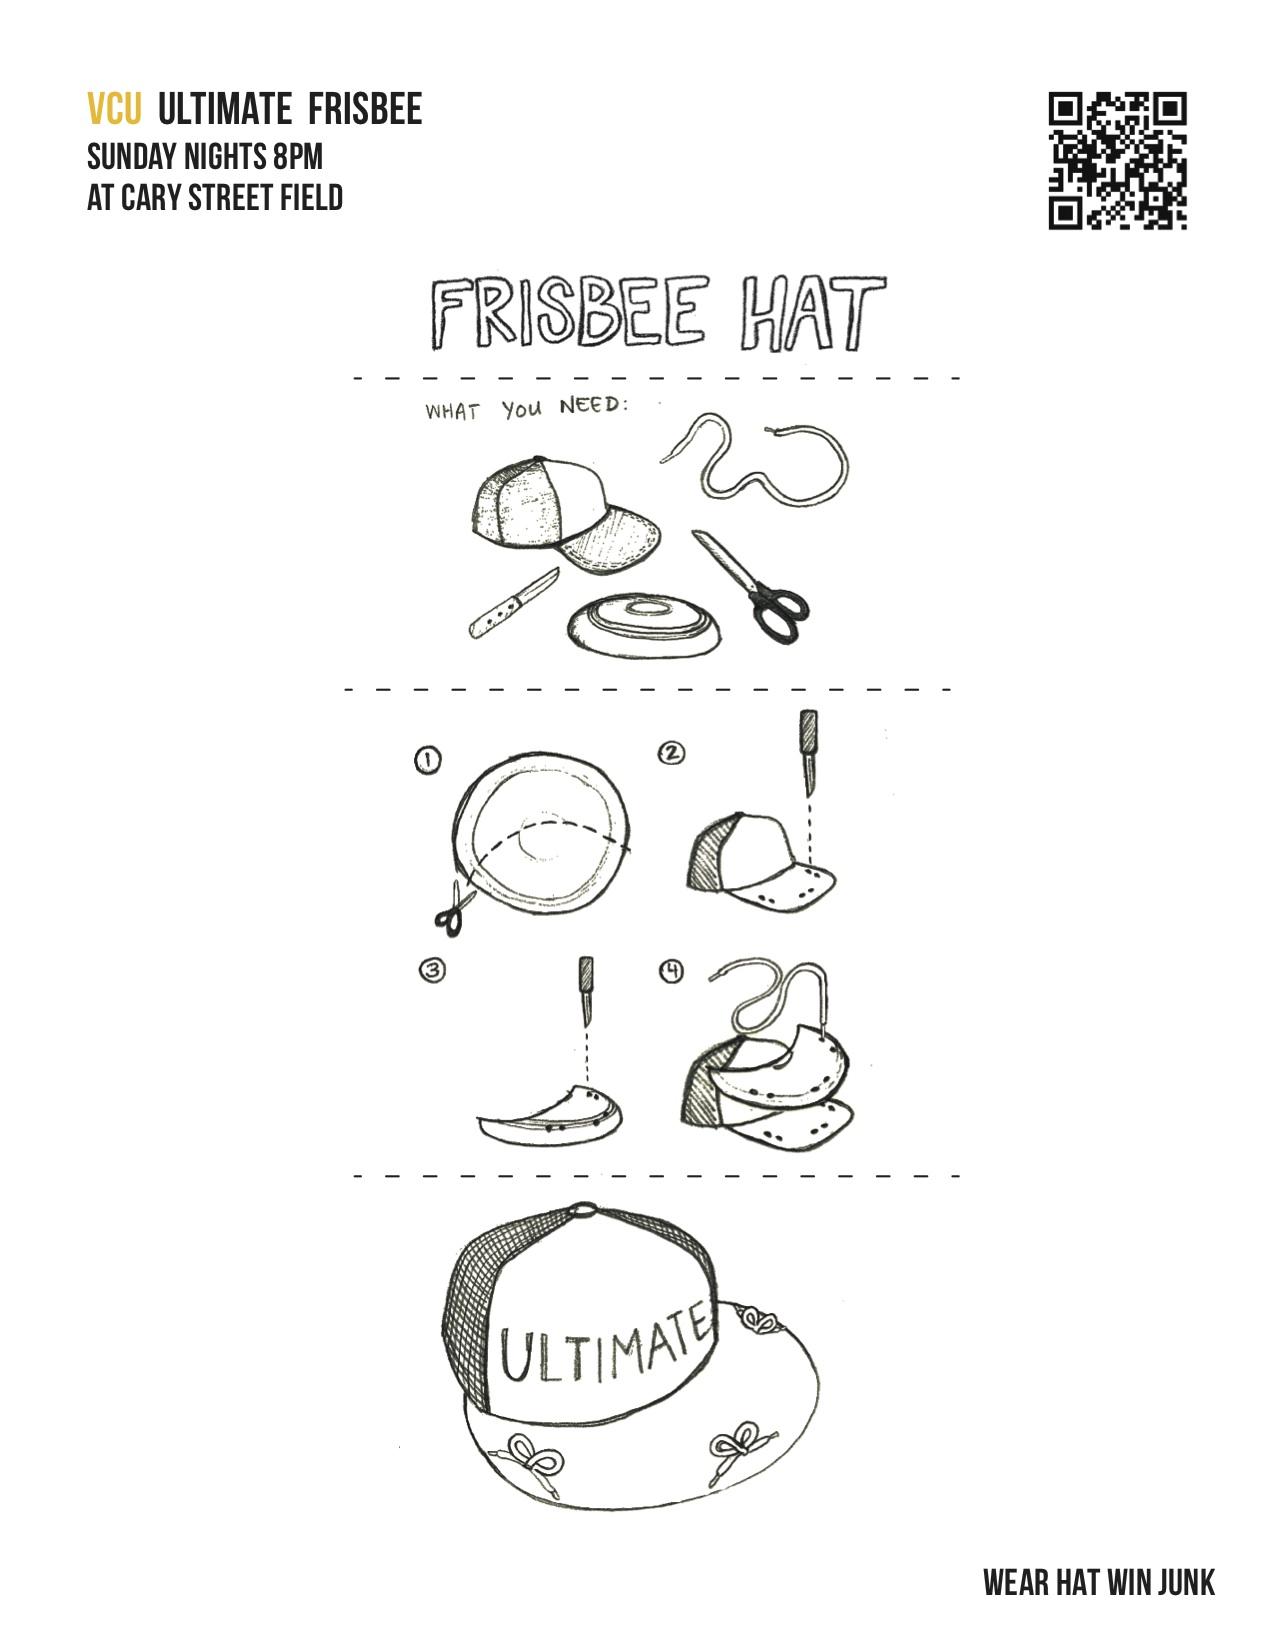 Vcu Ultimate Frisbee